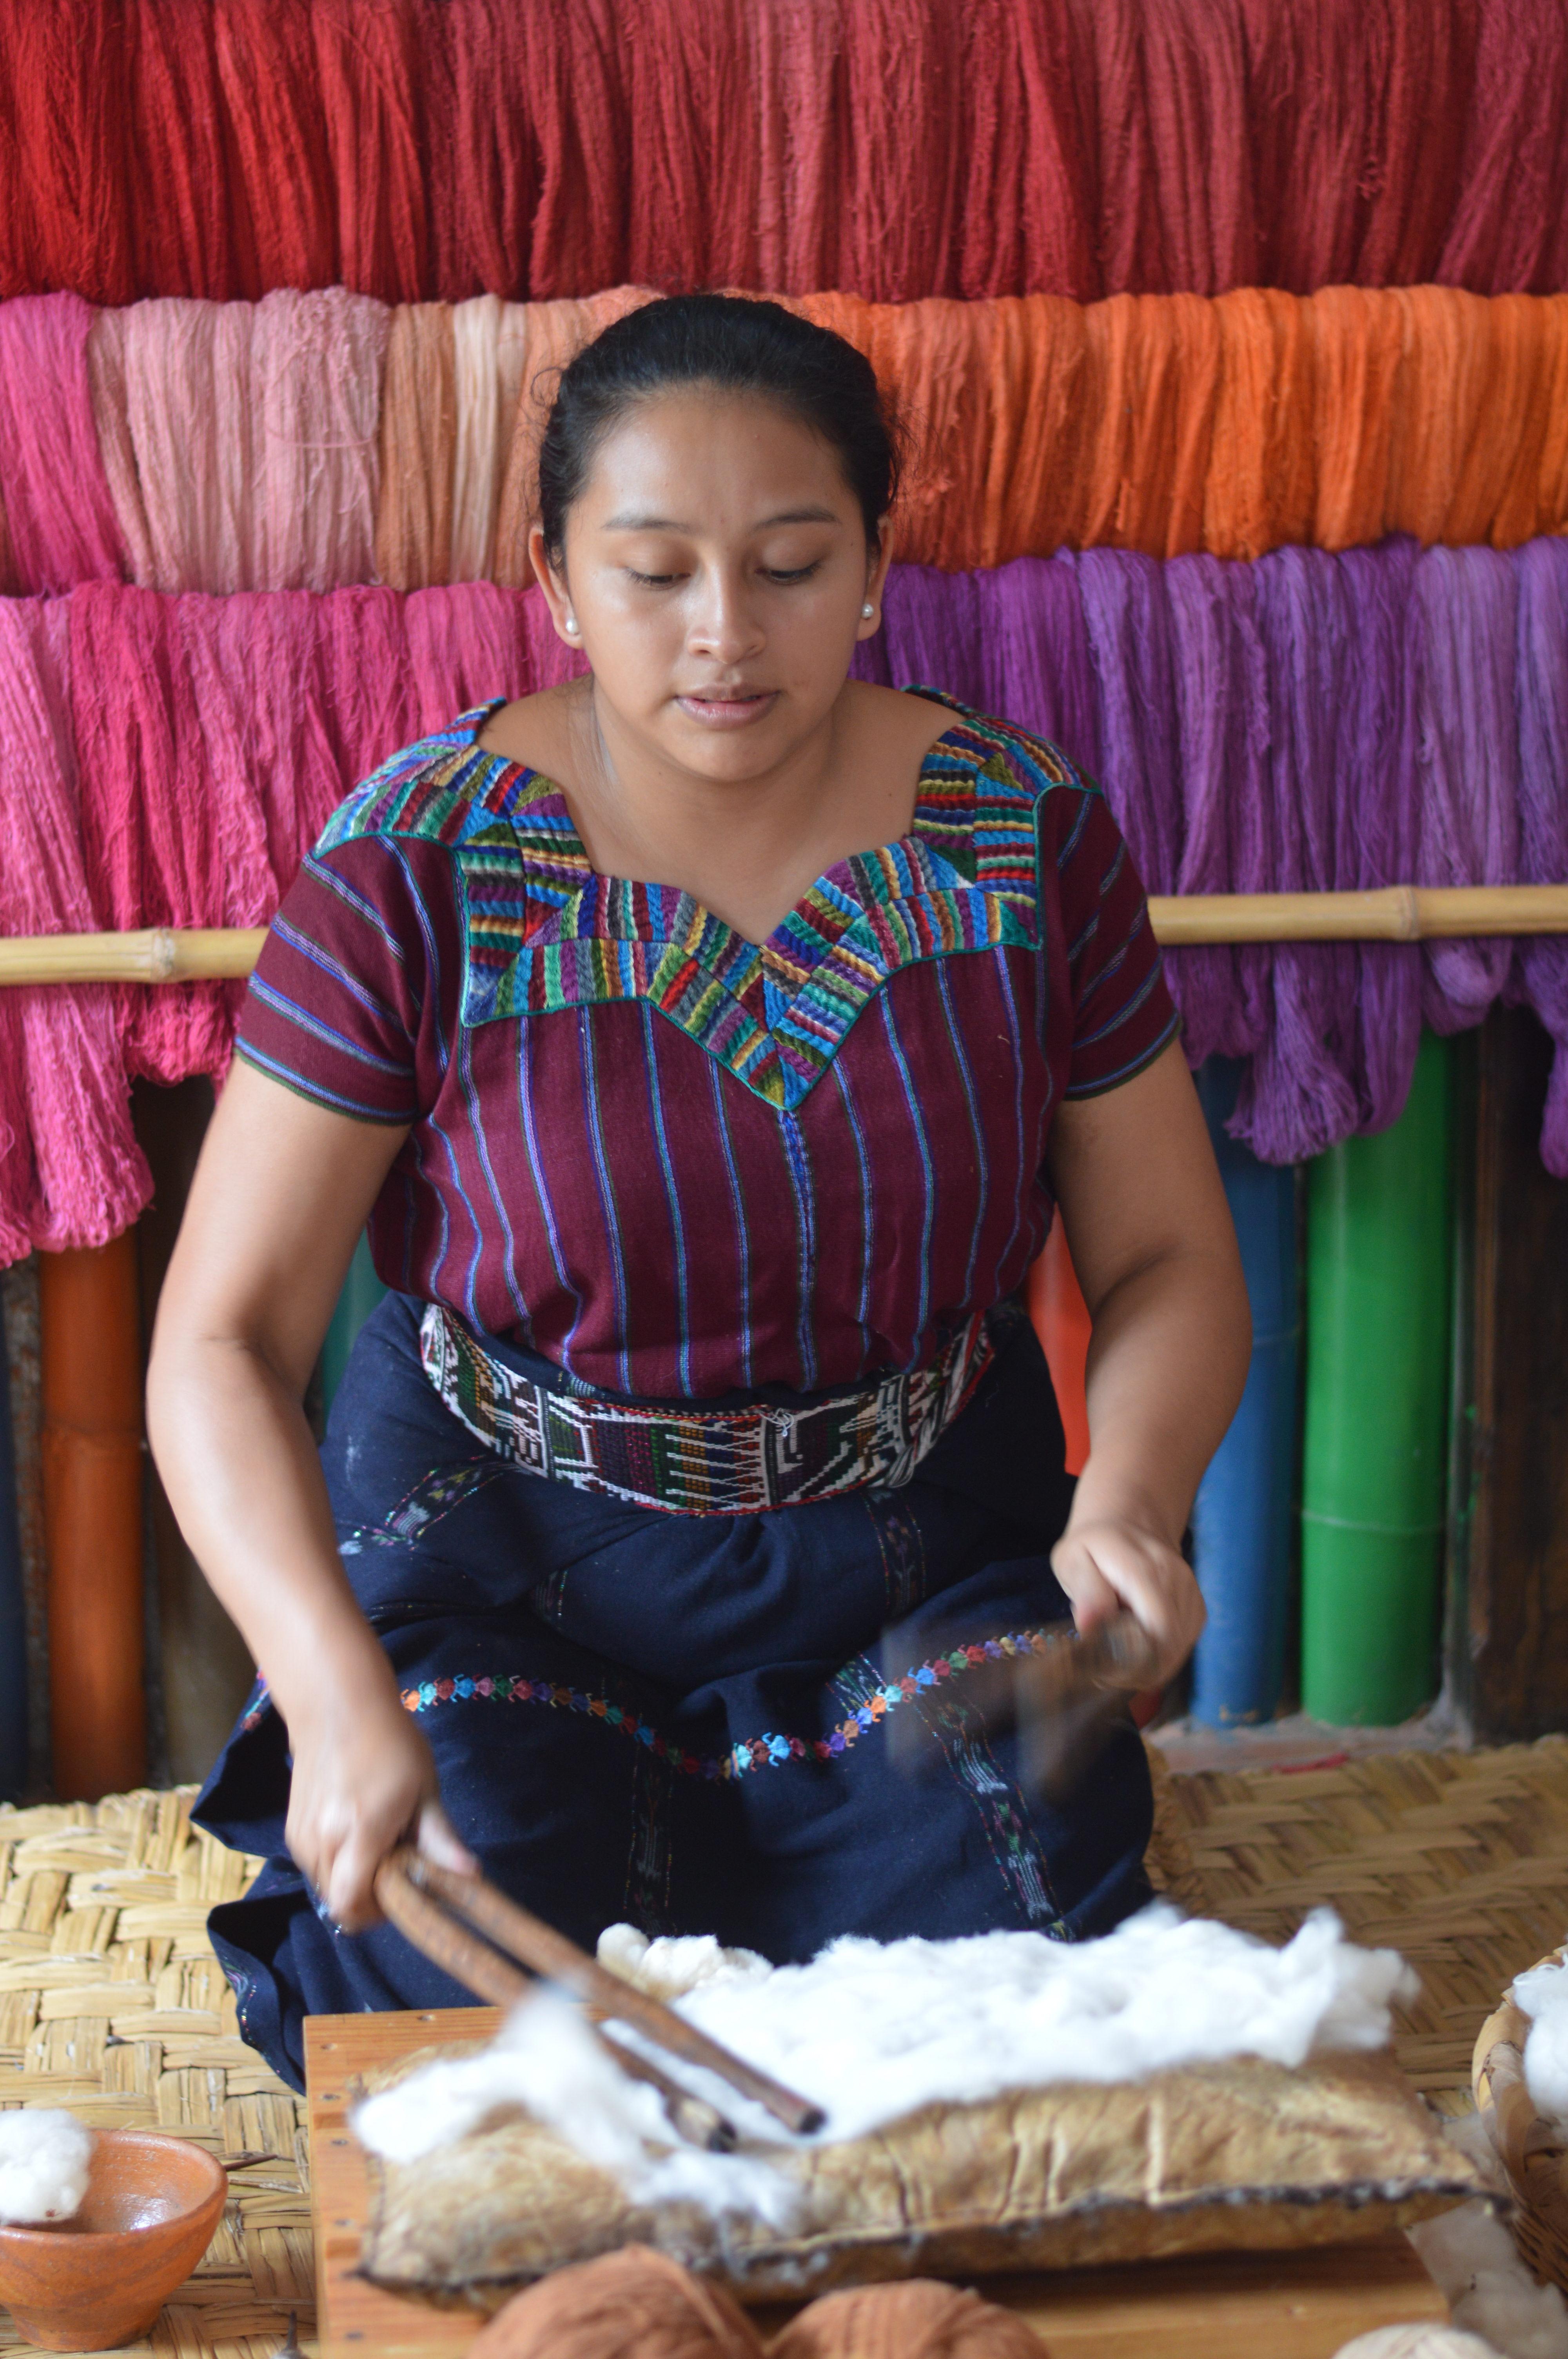 Tejedora de la Cooperativa Flor Ixcaco en San Juan La Laguna, pueblito que rodea el lago | Jonathan Flores | BBCL en Guatemala